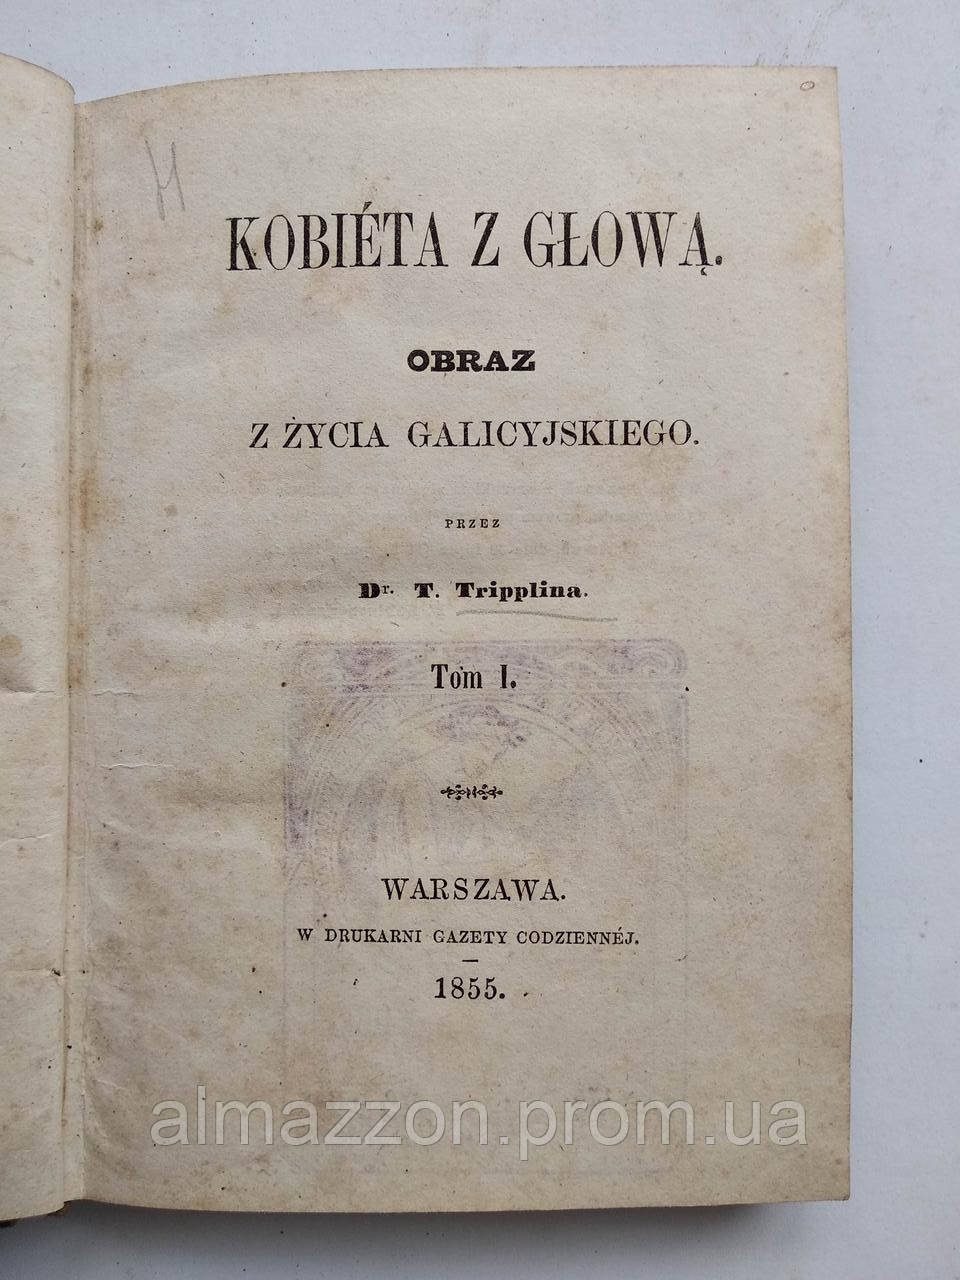 1855 Kobieta z Glowa obraz z zycia Galicyjskiego Warszawa Польский язык Экслибрис Конрада Березовского